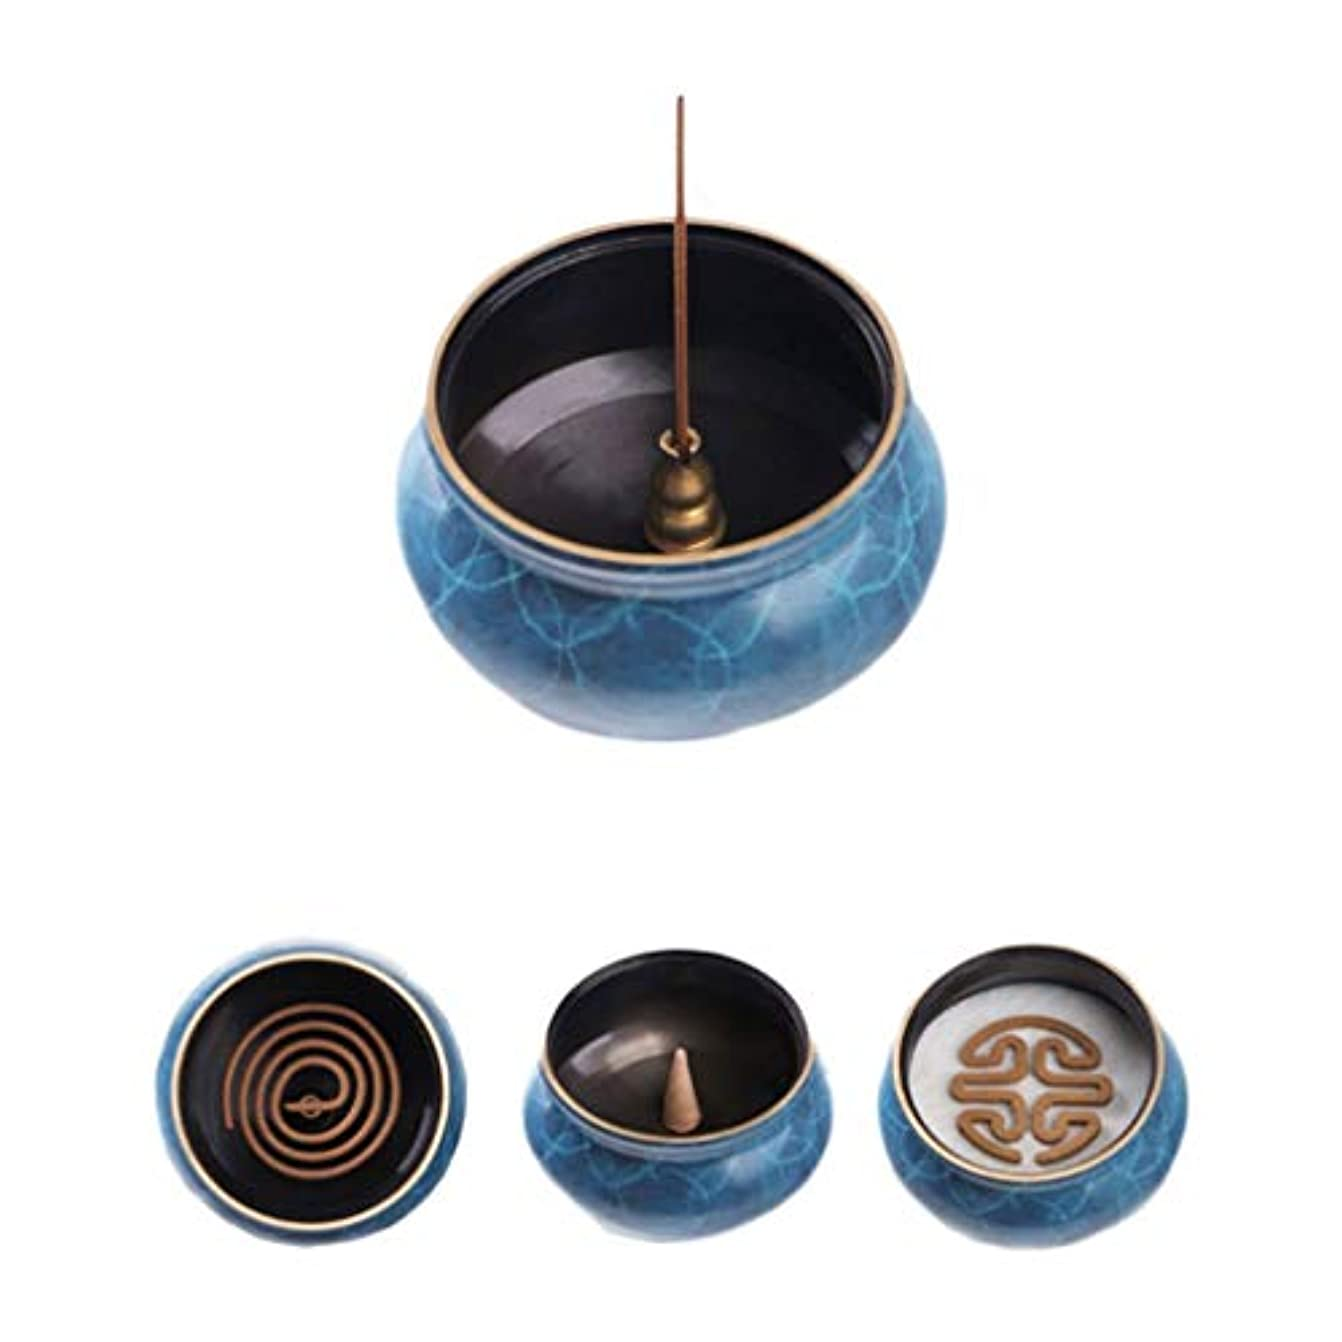 最大の法律意志ホームアロマバーナー 純粋な銅香炉ホームアンティーク白檀用仏寒天香炉香り装飾アロマセラピー炉 アロマバーナー (Color : Blue copper)